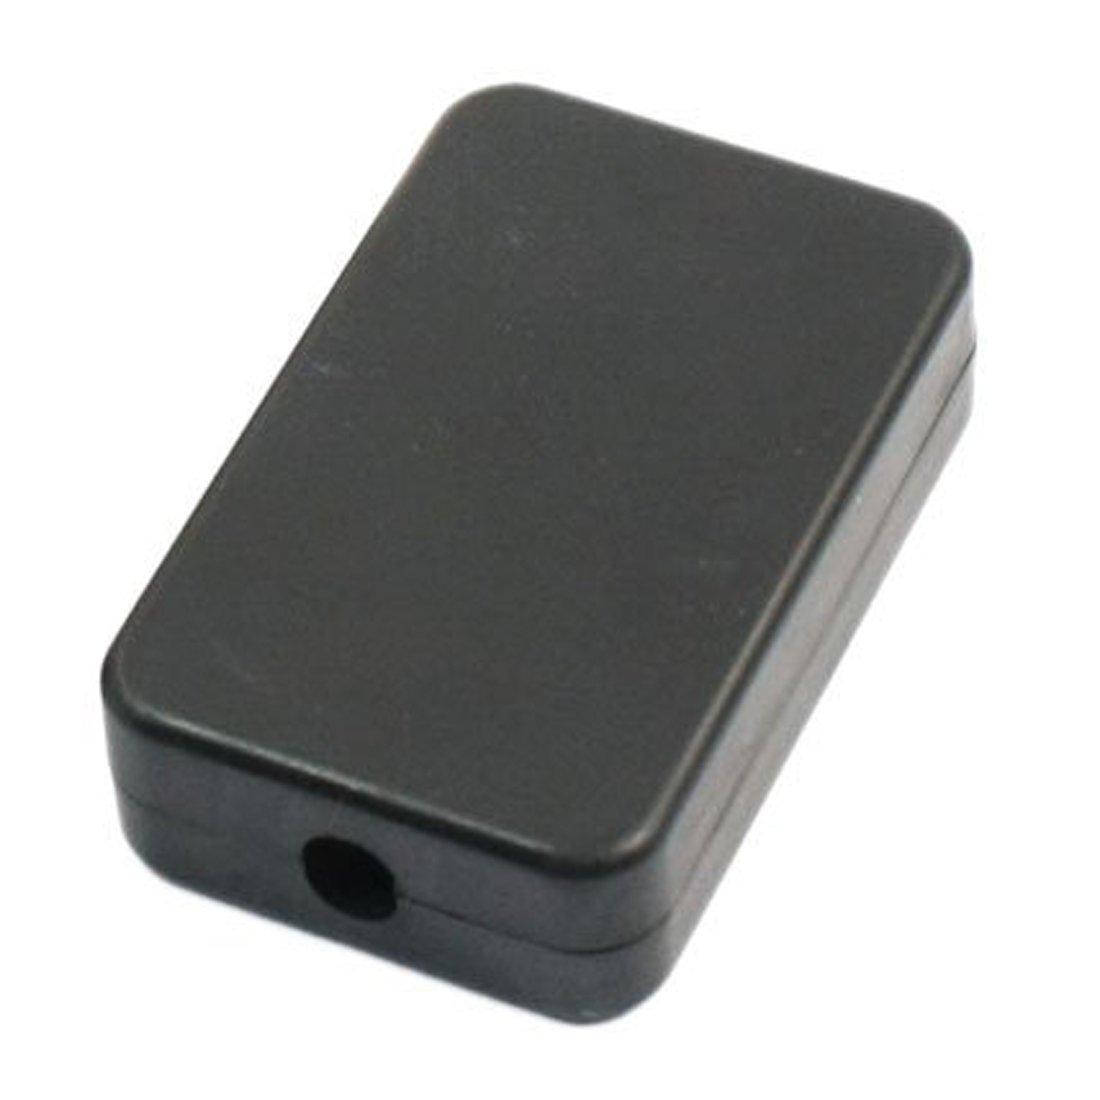 SODIAL(R) 5pcs Impermeable caja de conexion de plastico Caja de proyecto electrico electrico 55x35x15mm